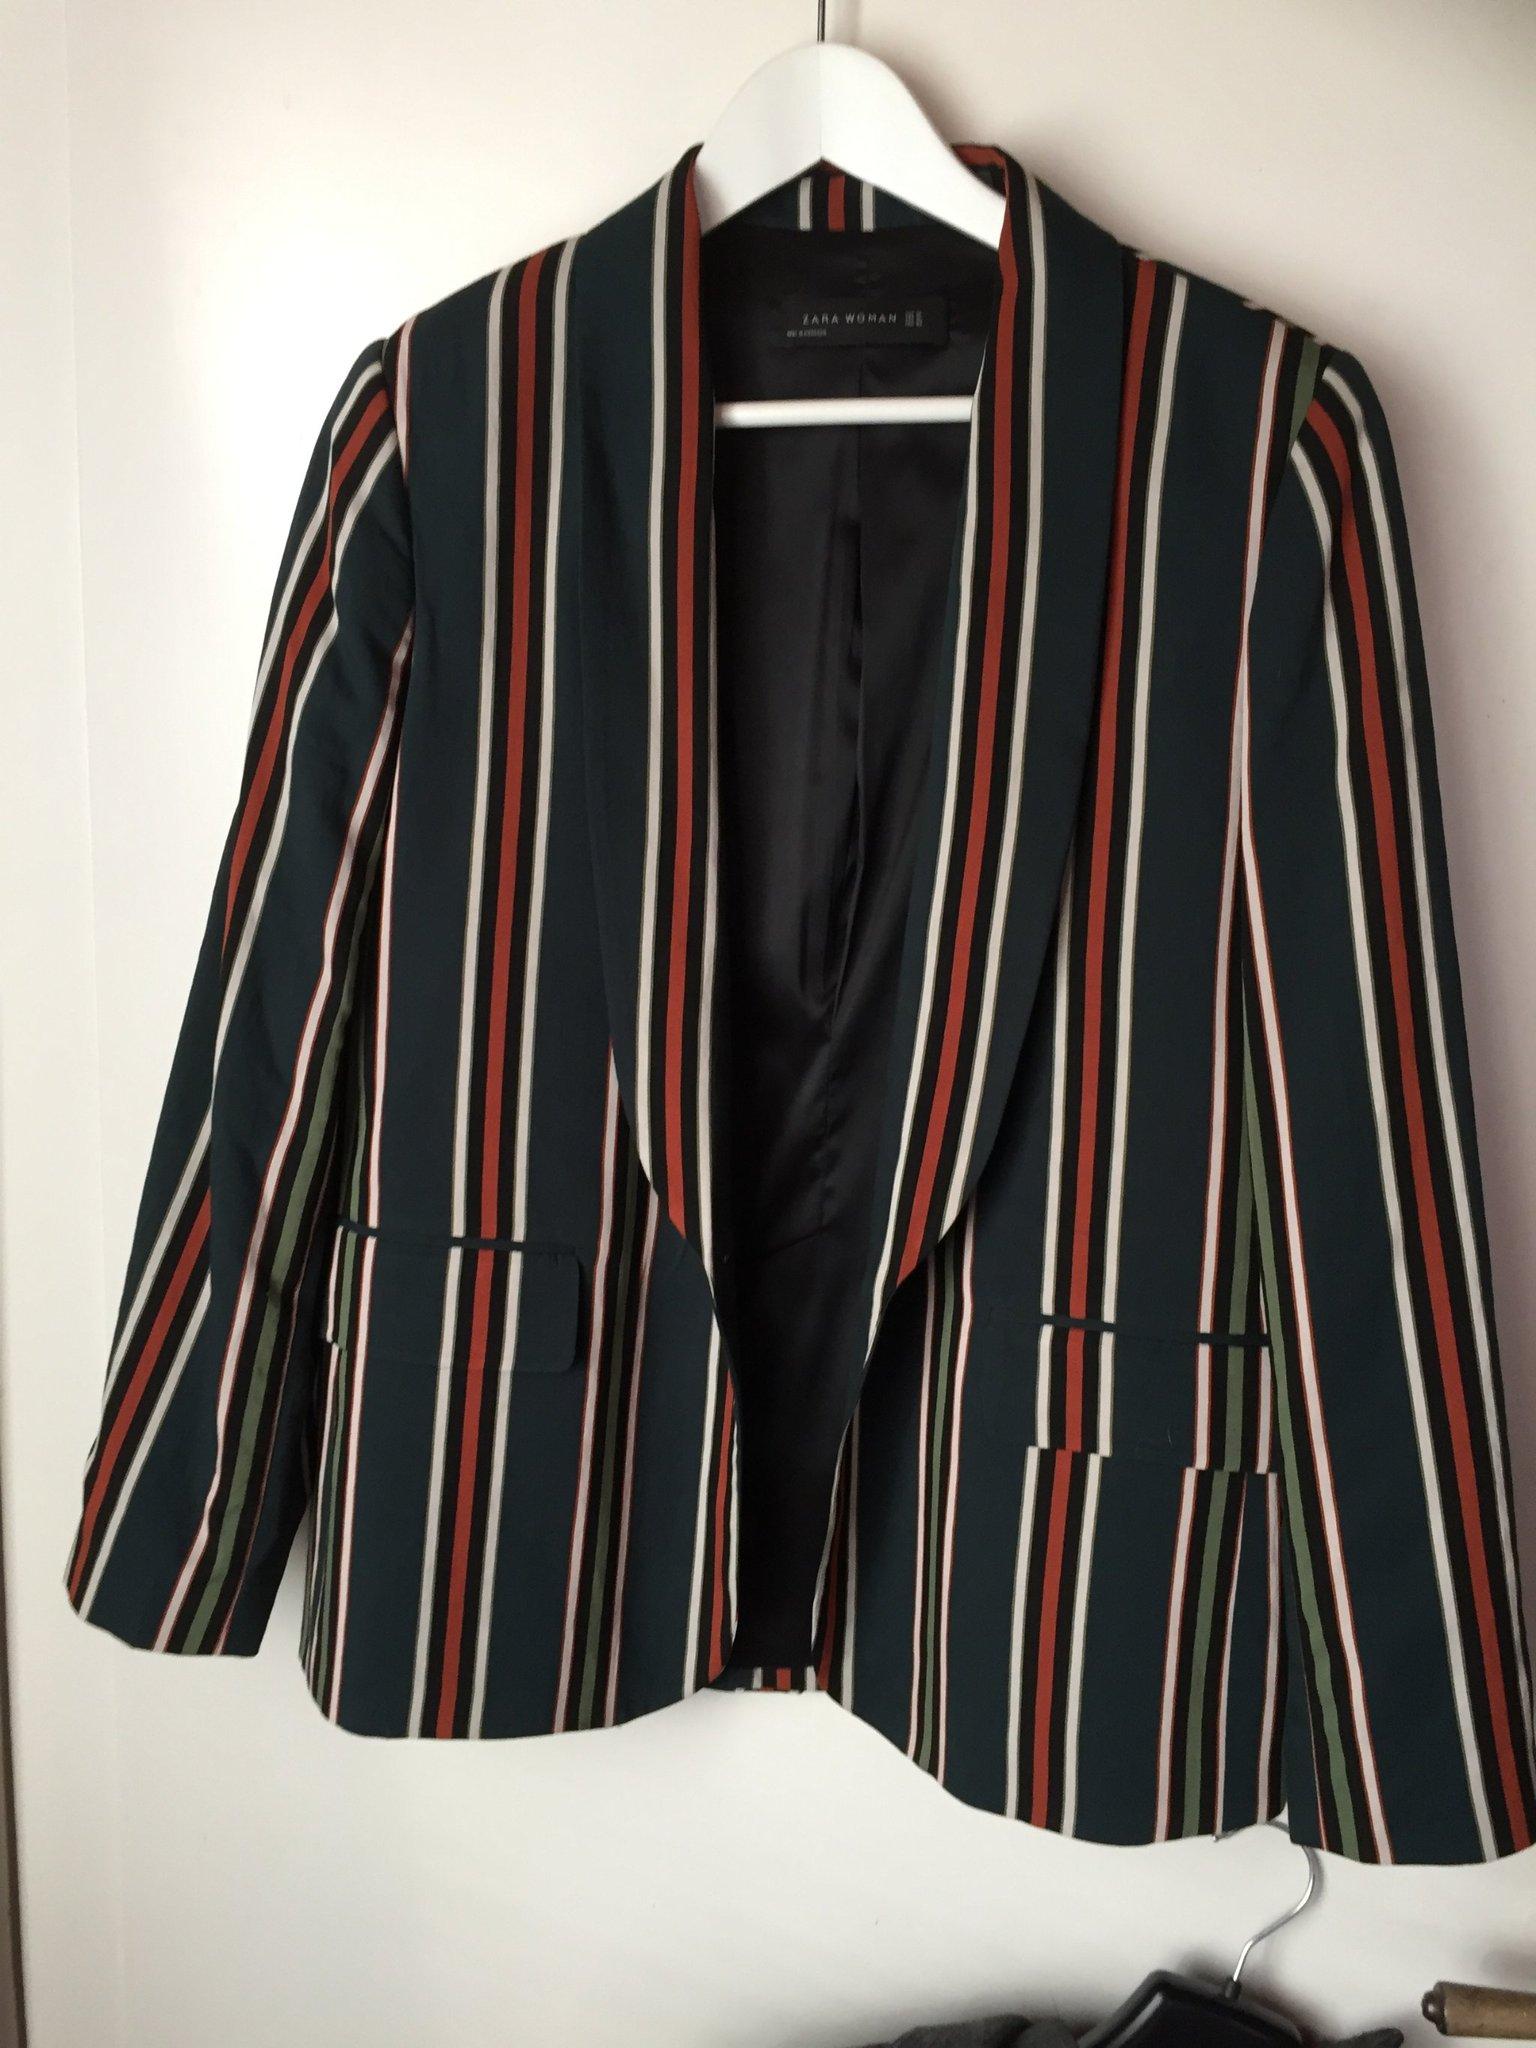 8a14dec588af Ny kavaj från Zara (353247412) ᐈ Köp på Tradera